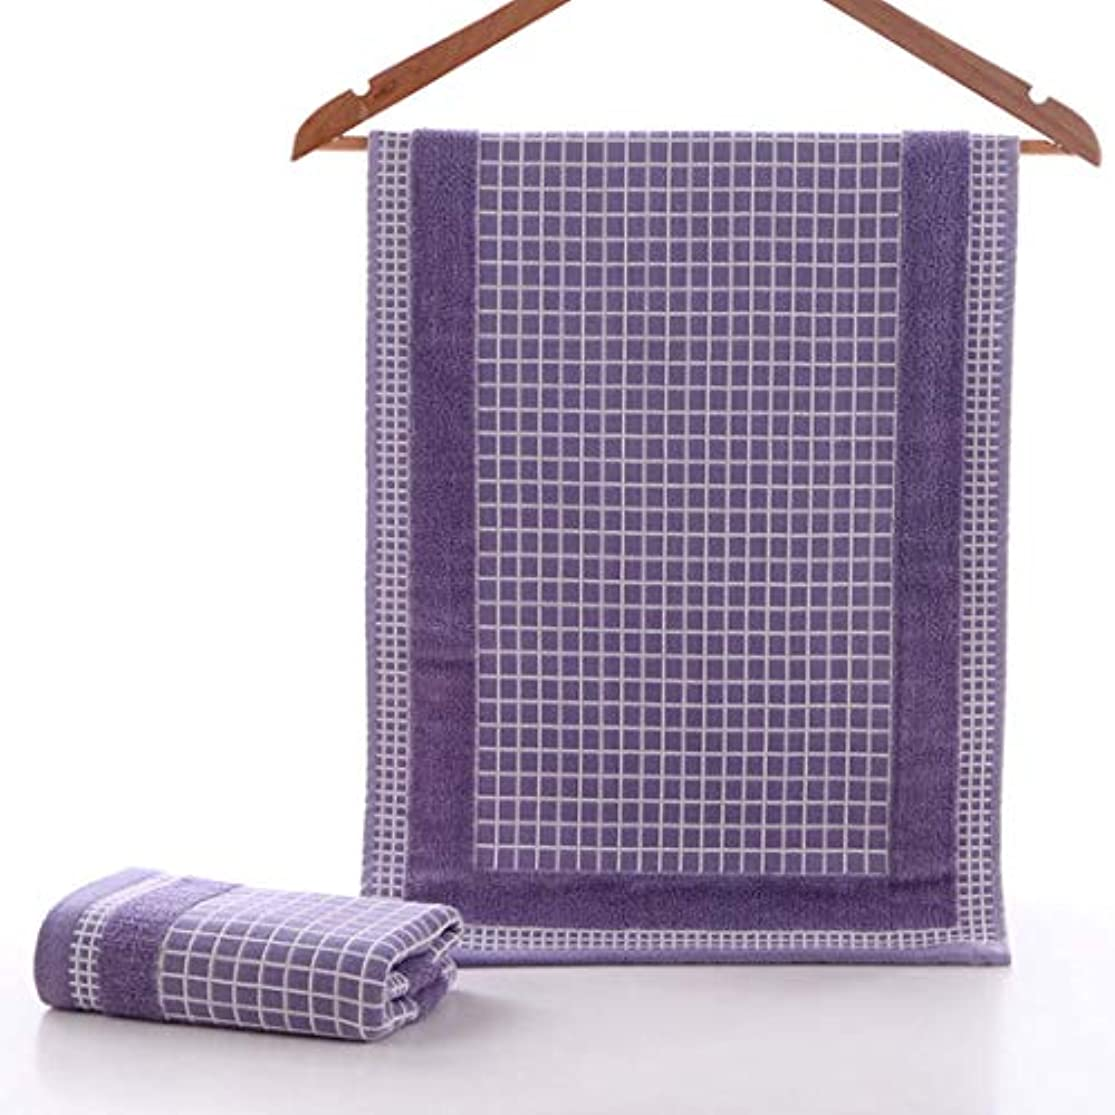 サミュエル軽蔑するスクリュースーパーソフトコットンタオルコットンフェイスタオル吸収性フェイスタオル,Purple,34*75